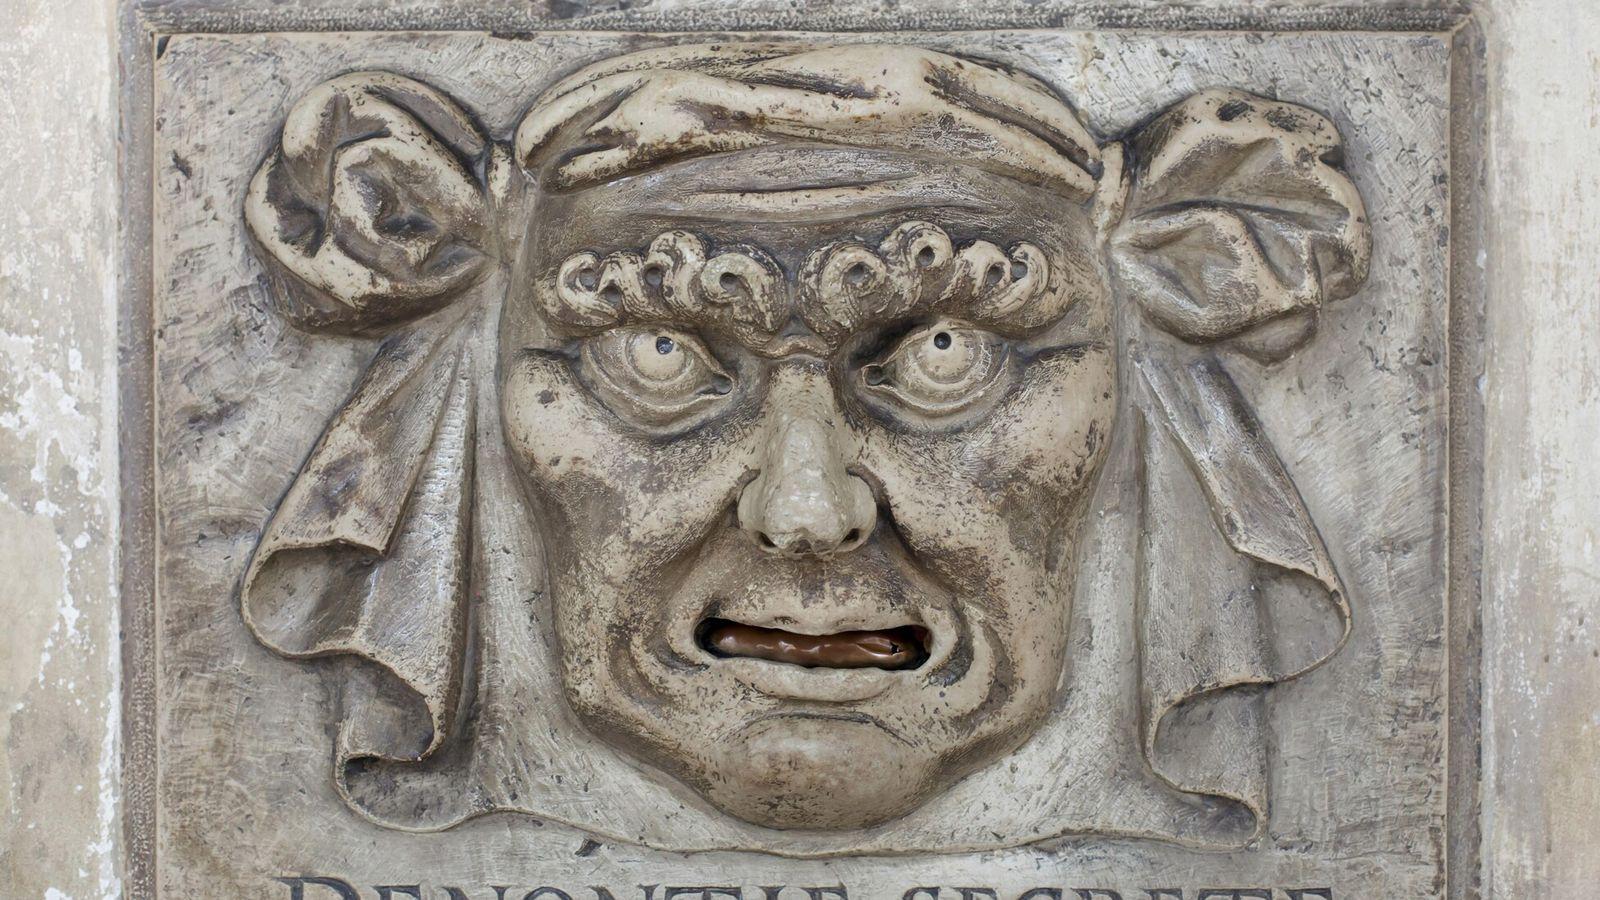 Venedigs historische Beschwerdekästen, wie dieser im Dogenpalast, gaben den Bürgern eine Möglichkeit, Anschuldigungen – manchmal auch ...